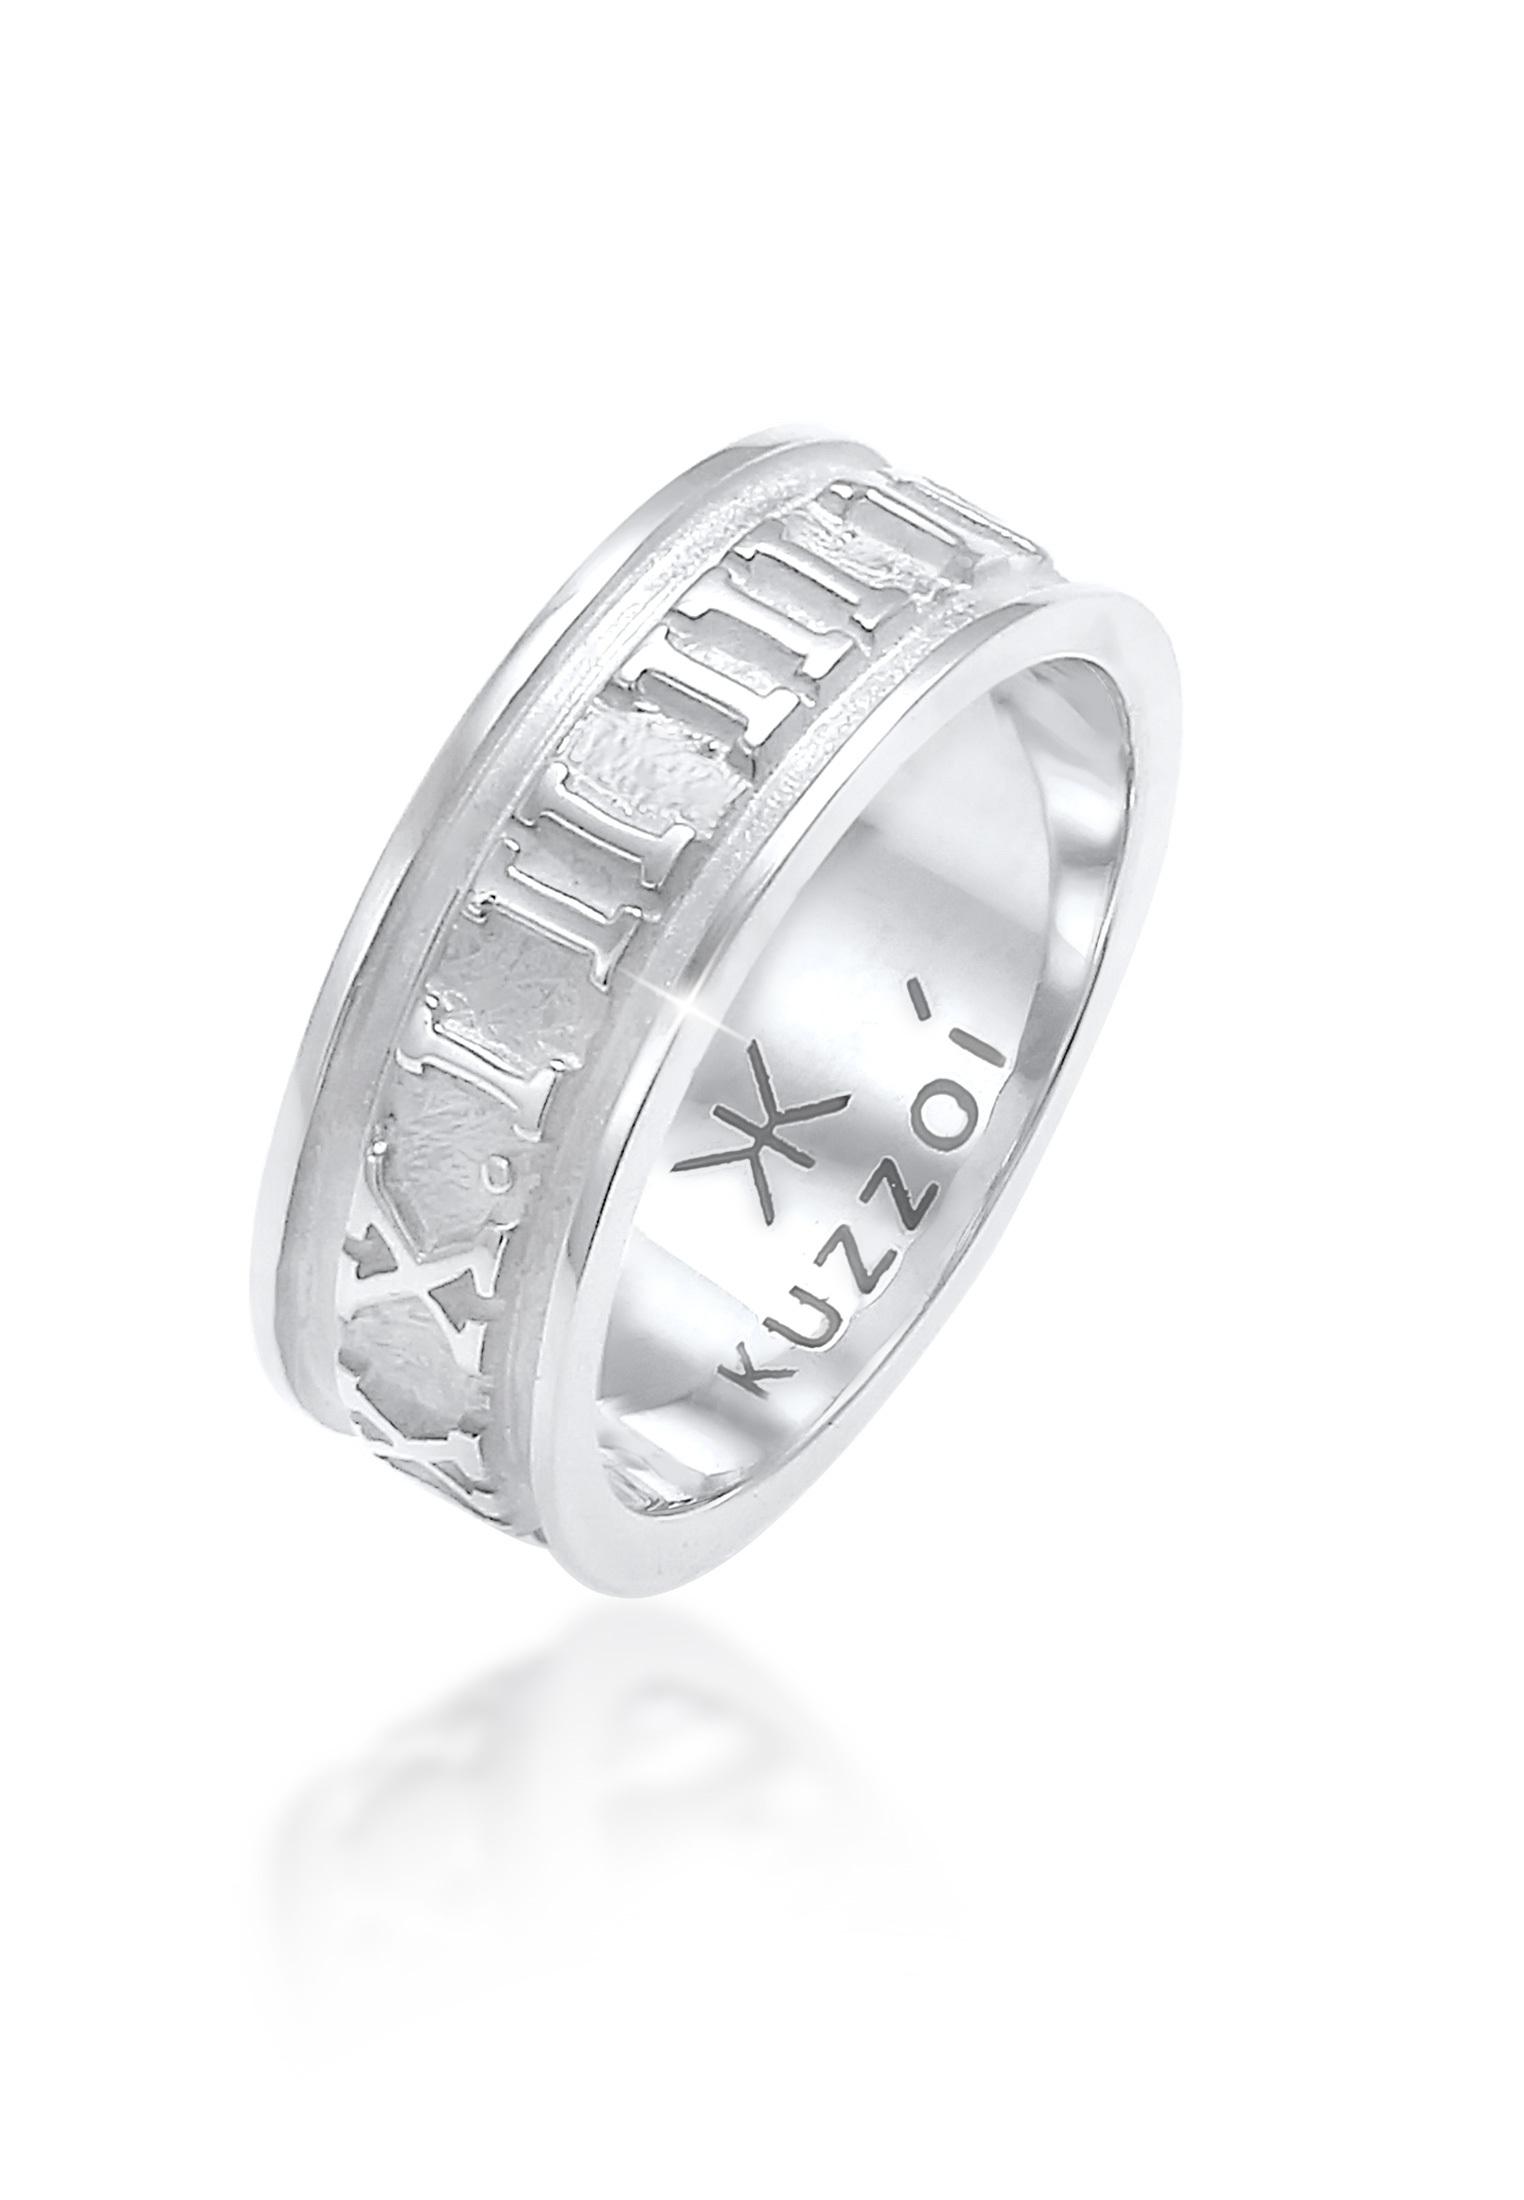 Ring Zahlen   925er Sterling Silber